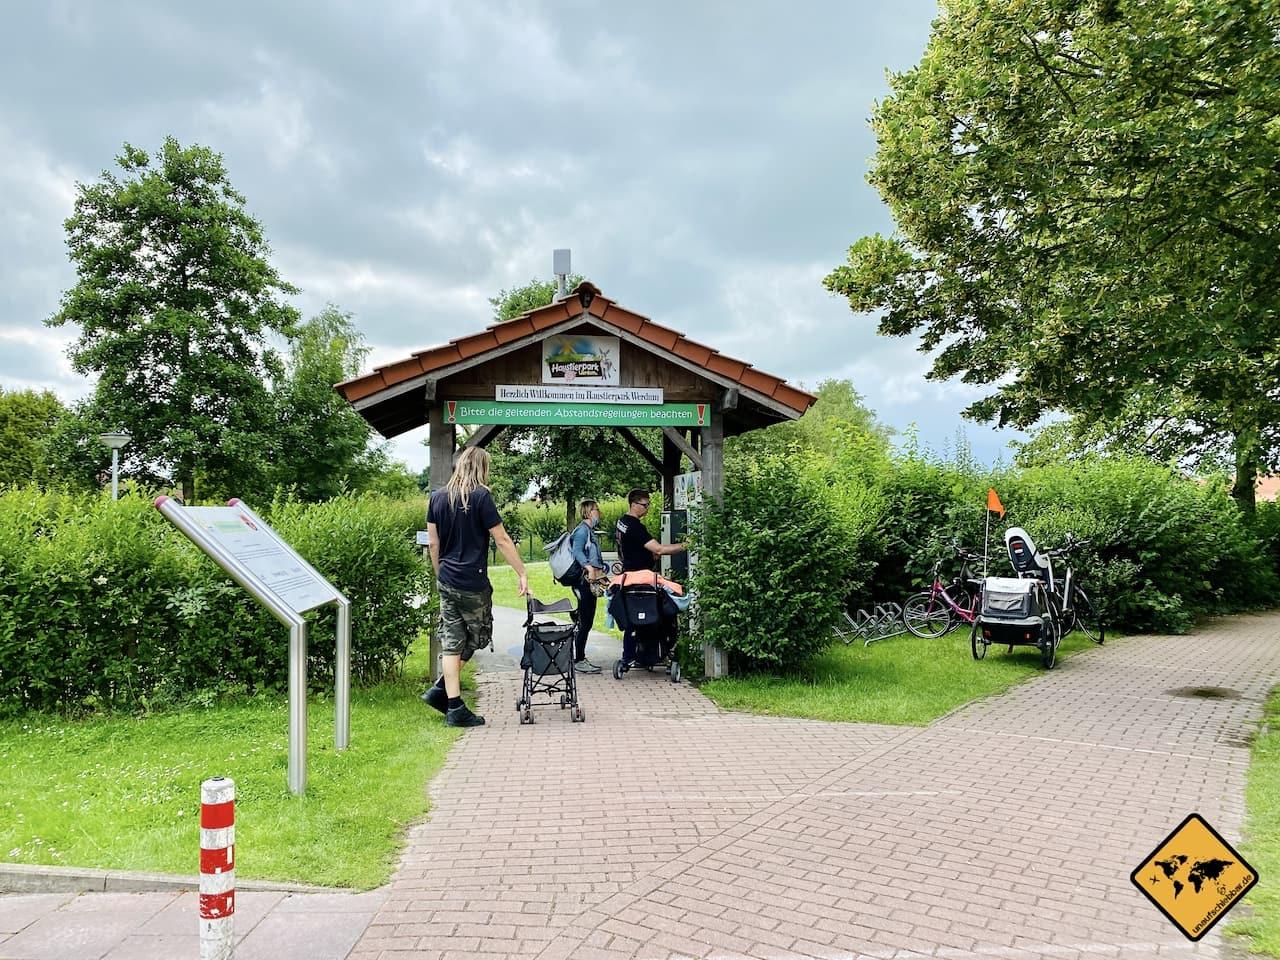 Tierpark Werdum Eingang